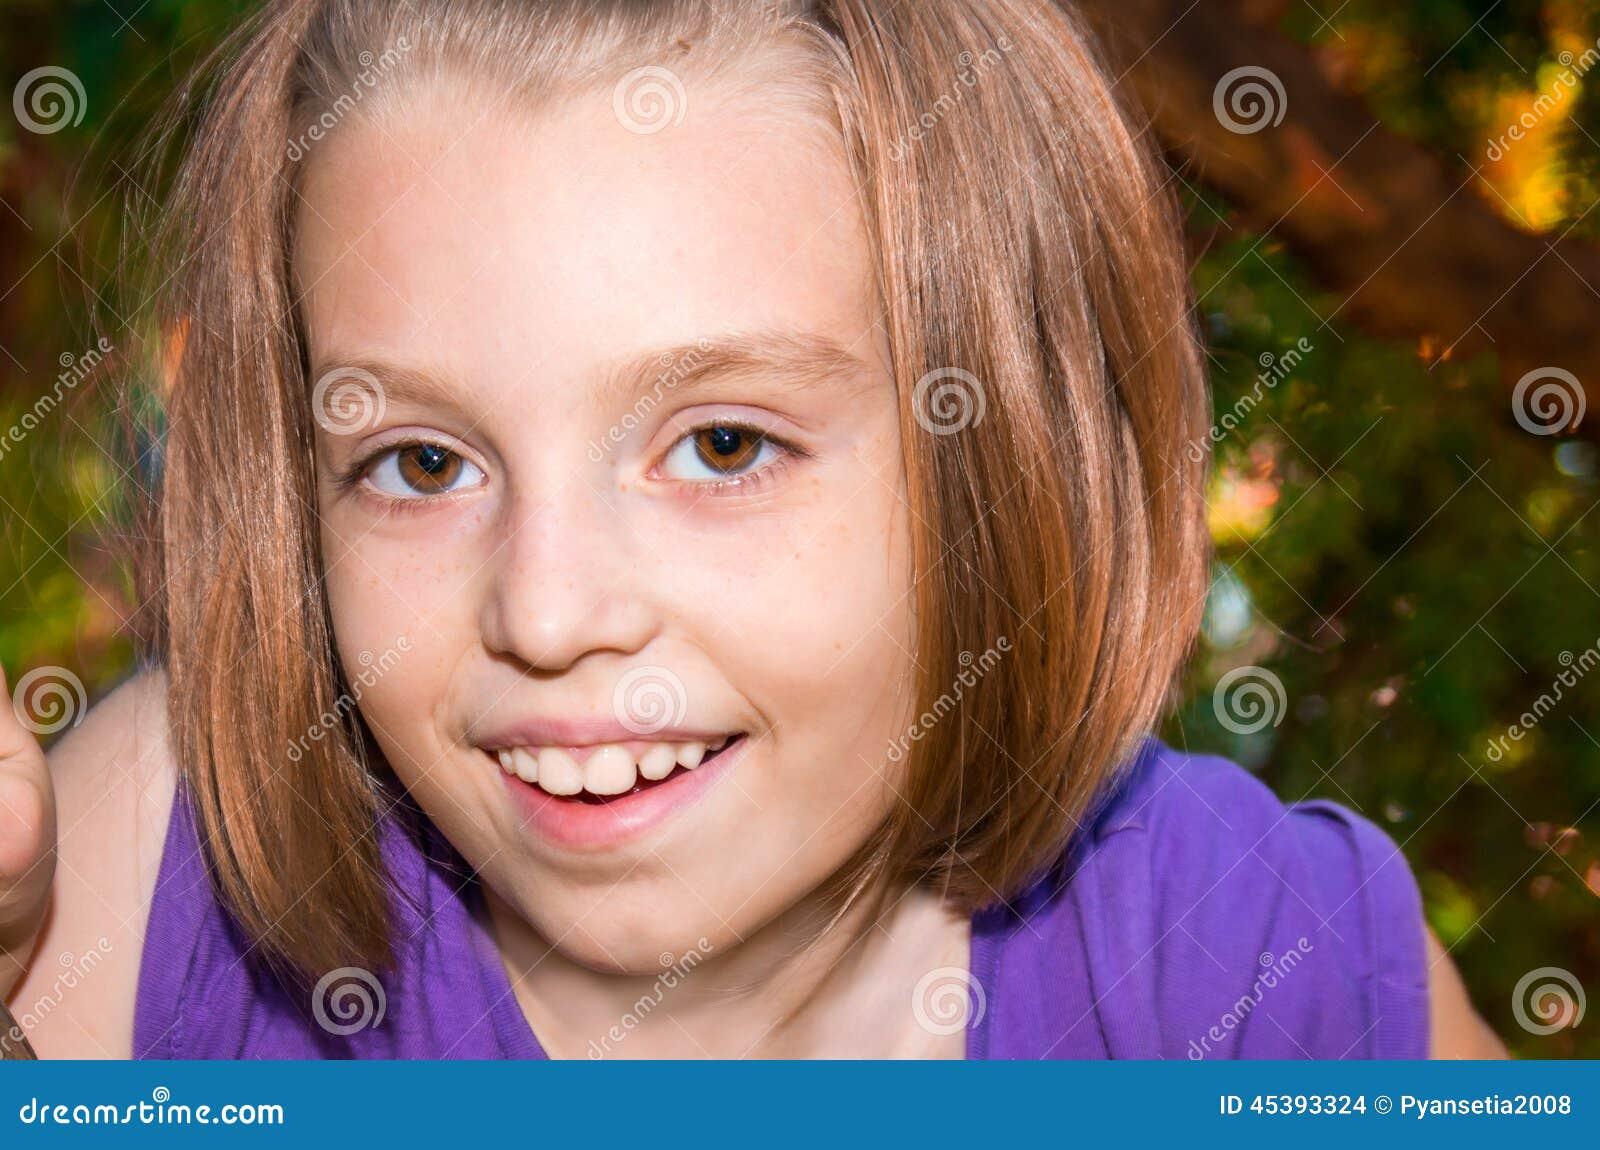 大抹胸眼睛a抹胸_小女孩初中初中_女孩漂亮女要內衣物理答求平均嗎速度圖片